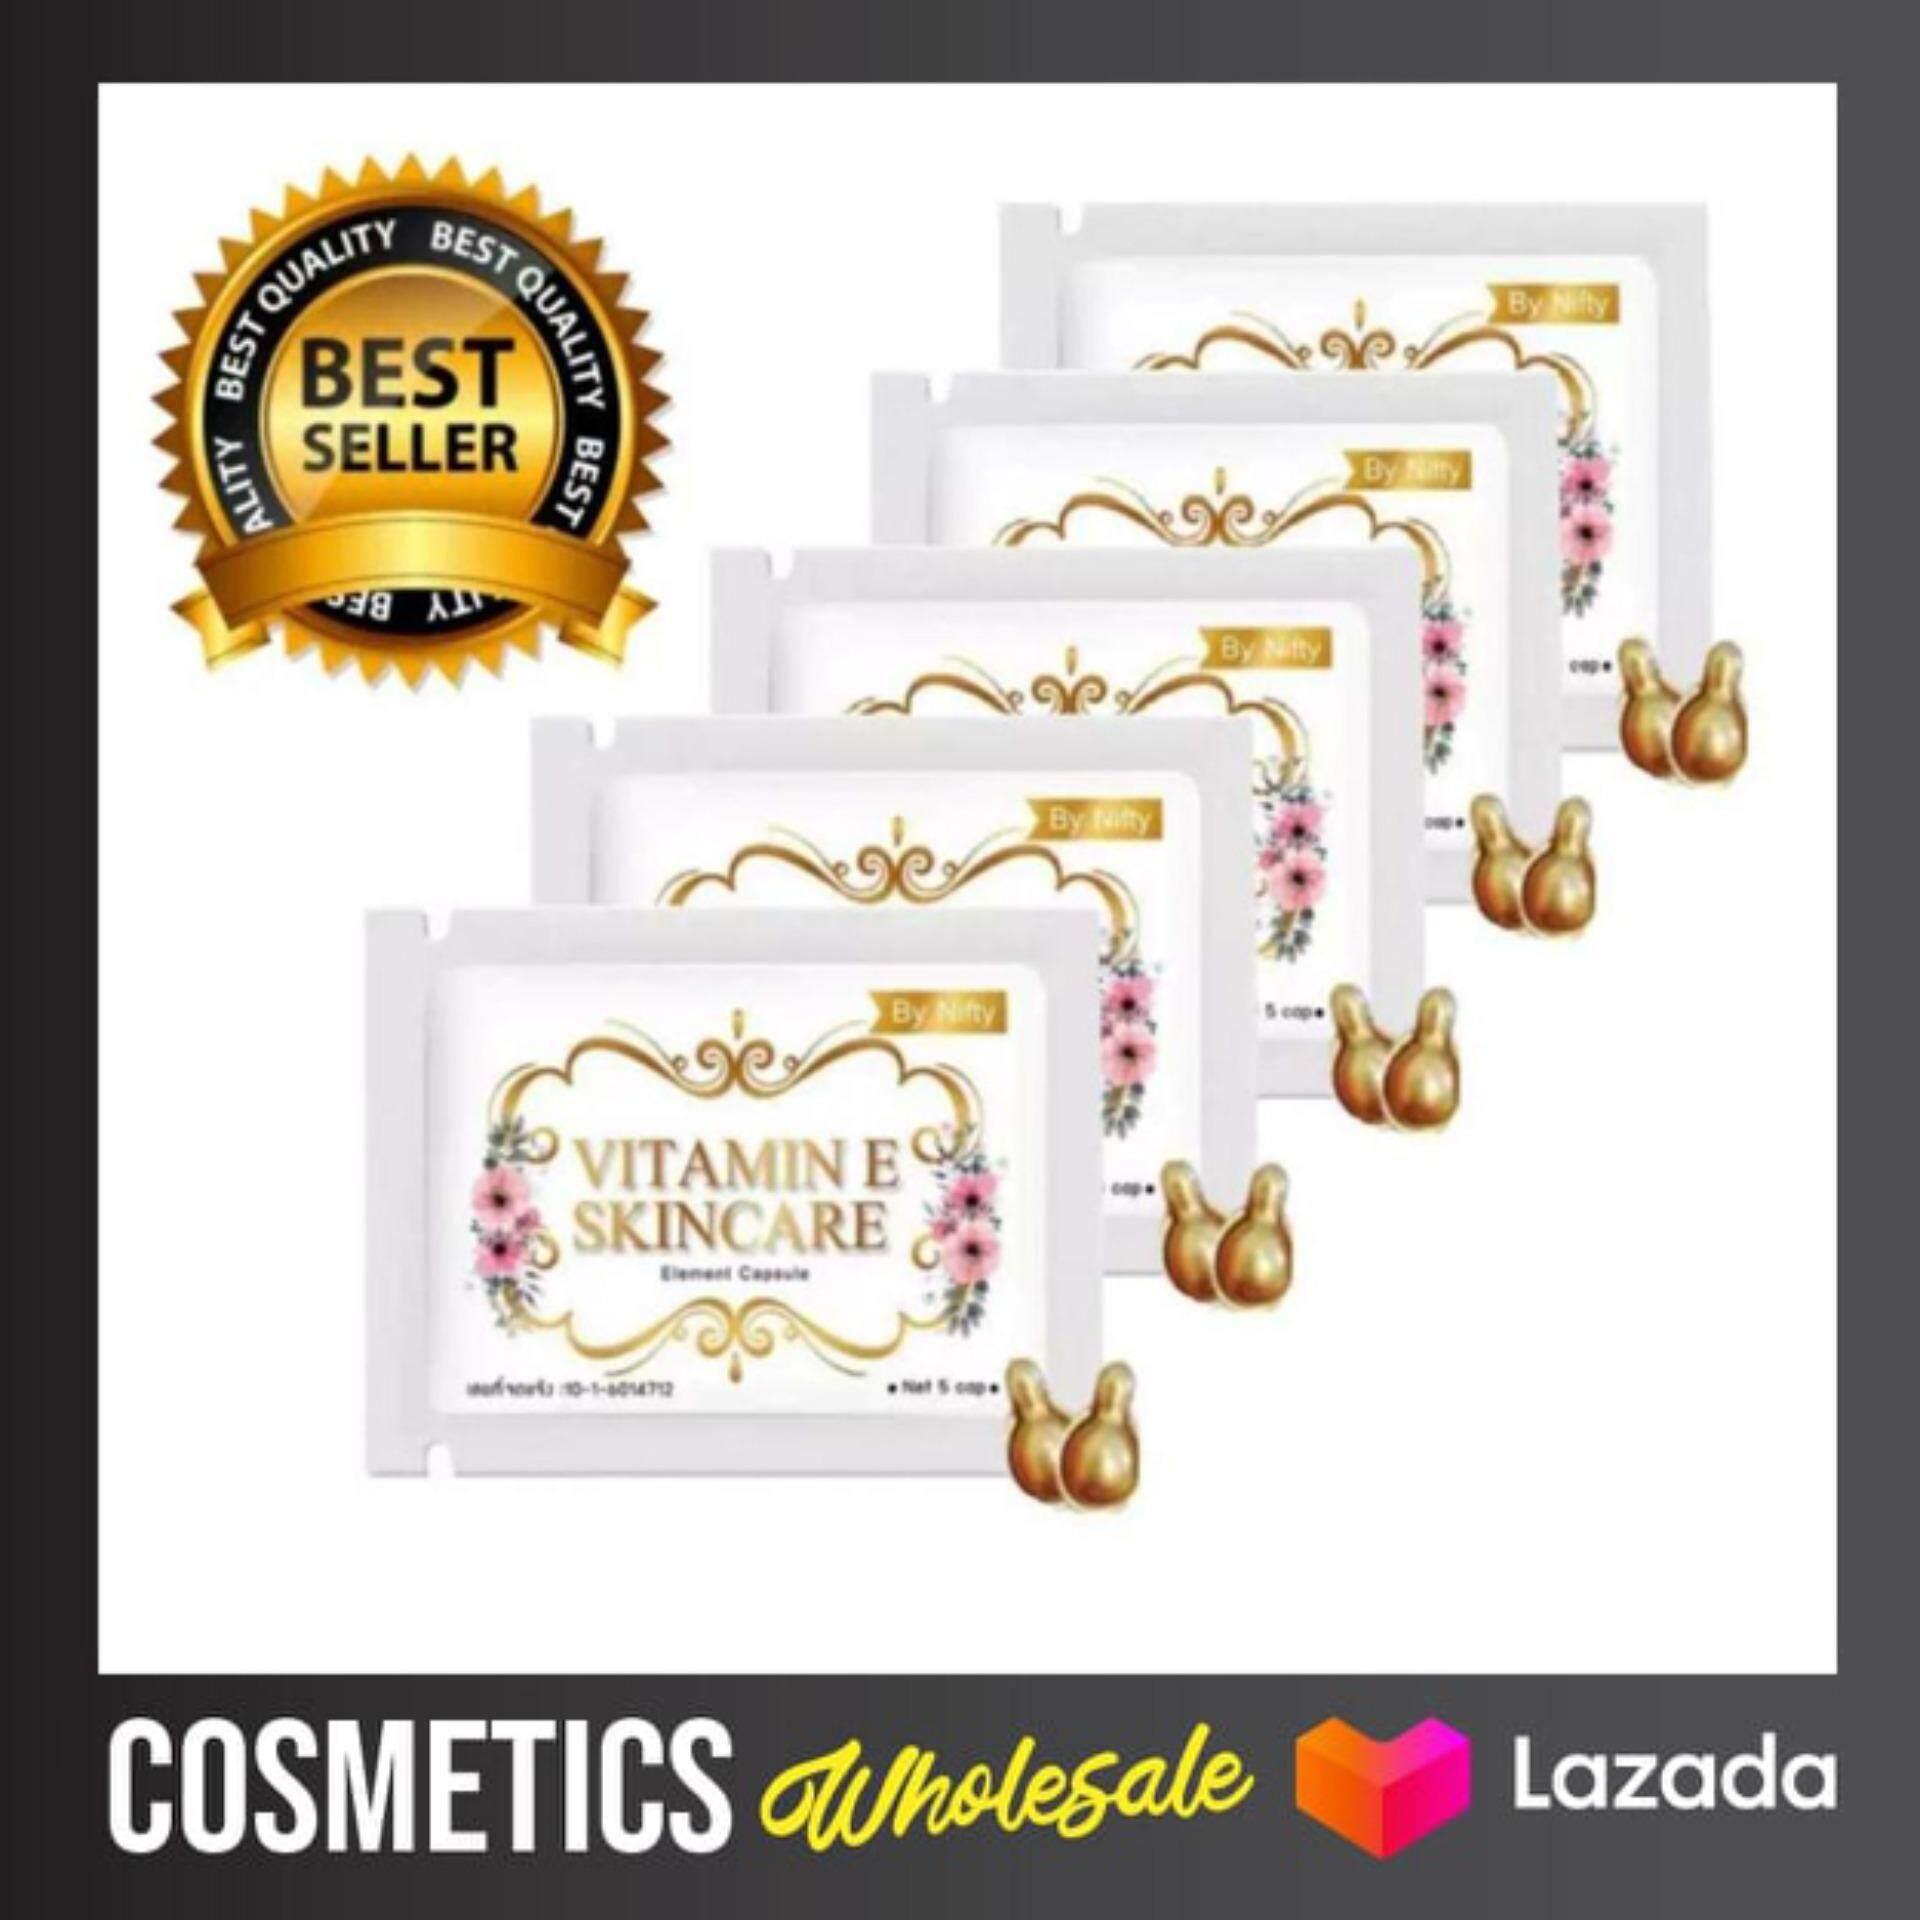 ( 5 ซอง/แท้/พร้อมส่ง) วิตามิน อี บำรุงผิวหน้า vitamin E skin care by nifty Nifty ทาหน้า